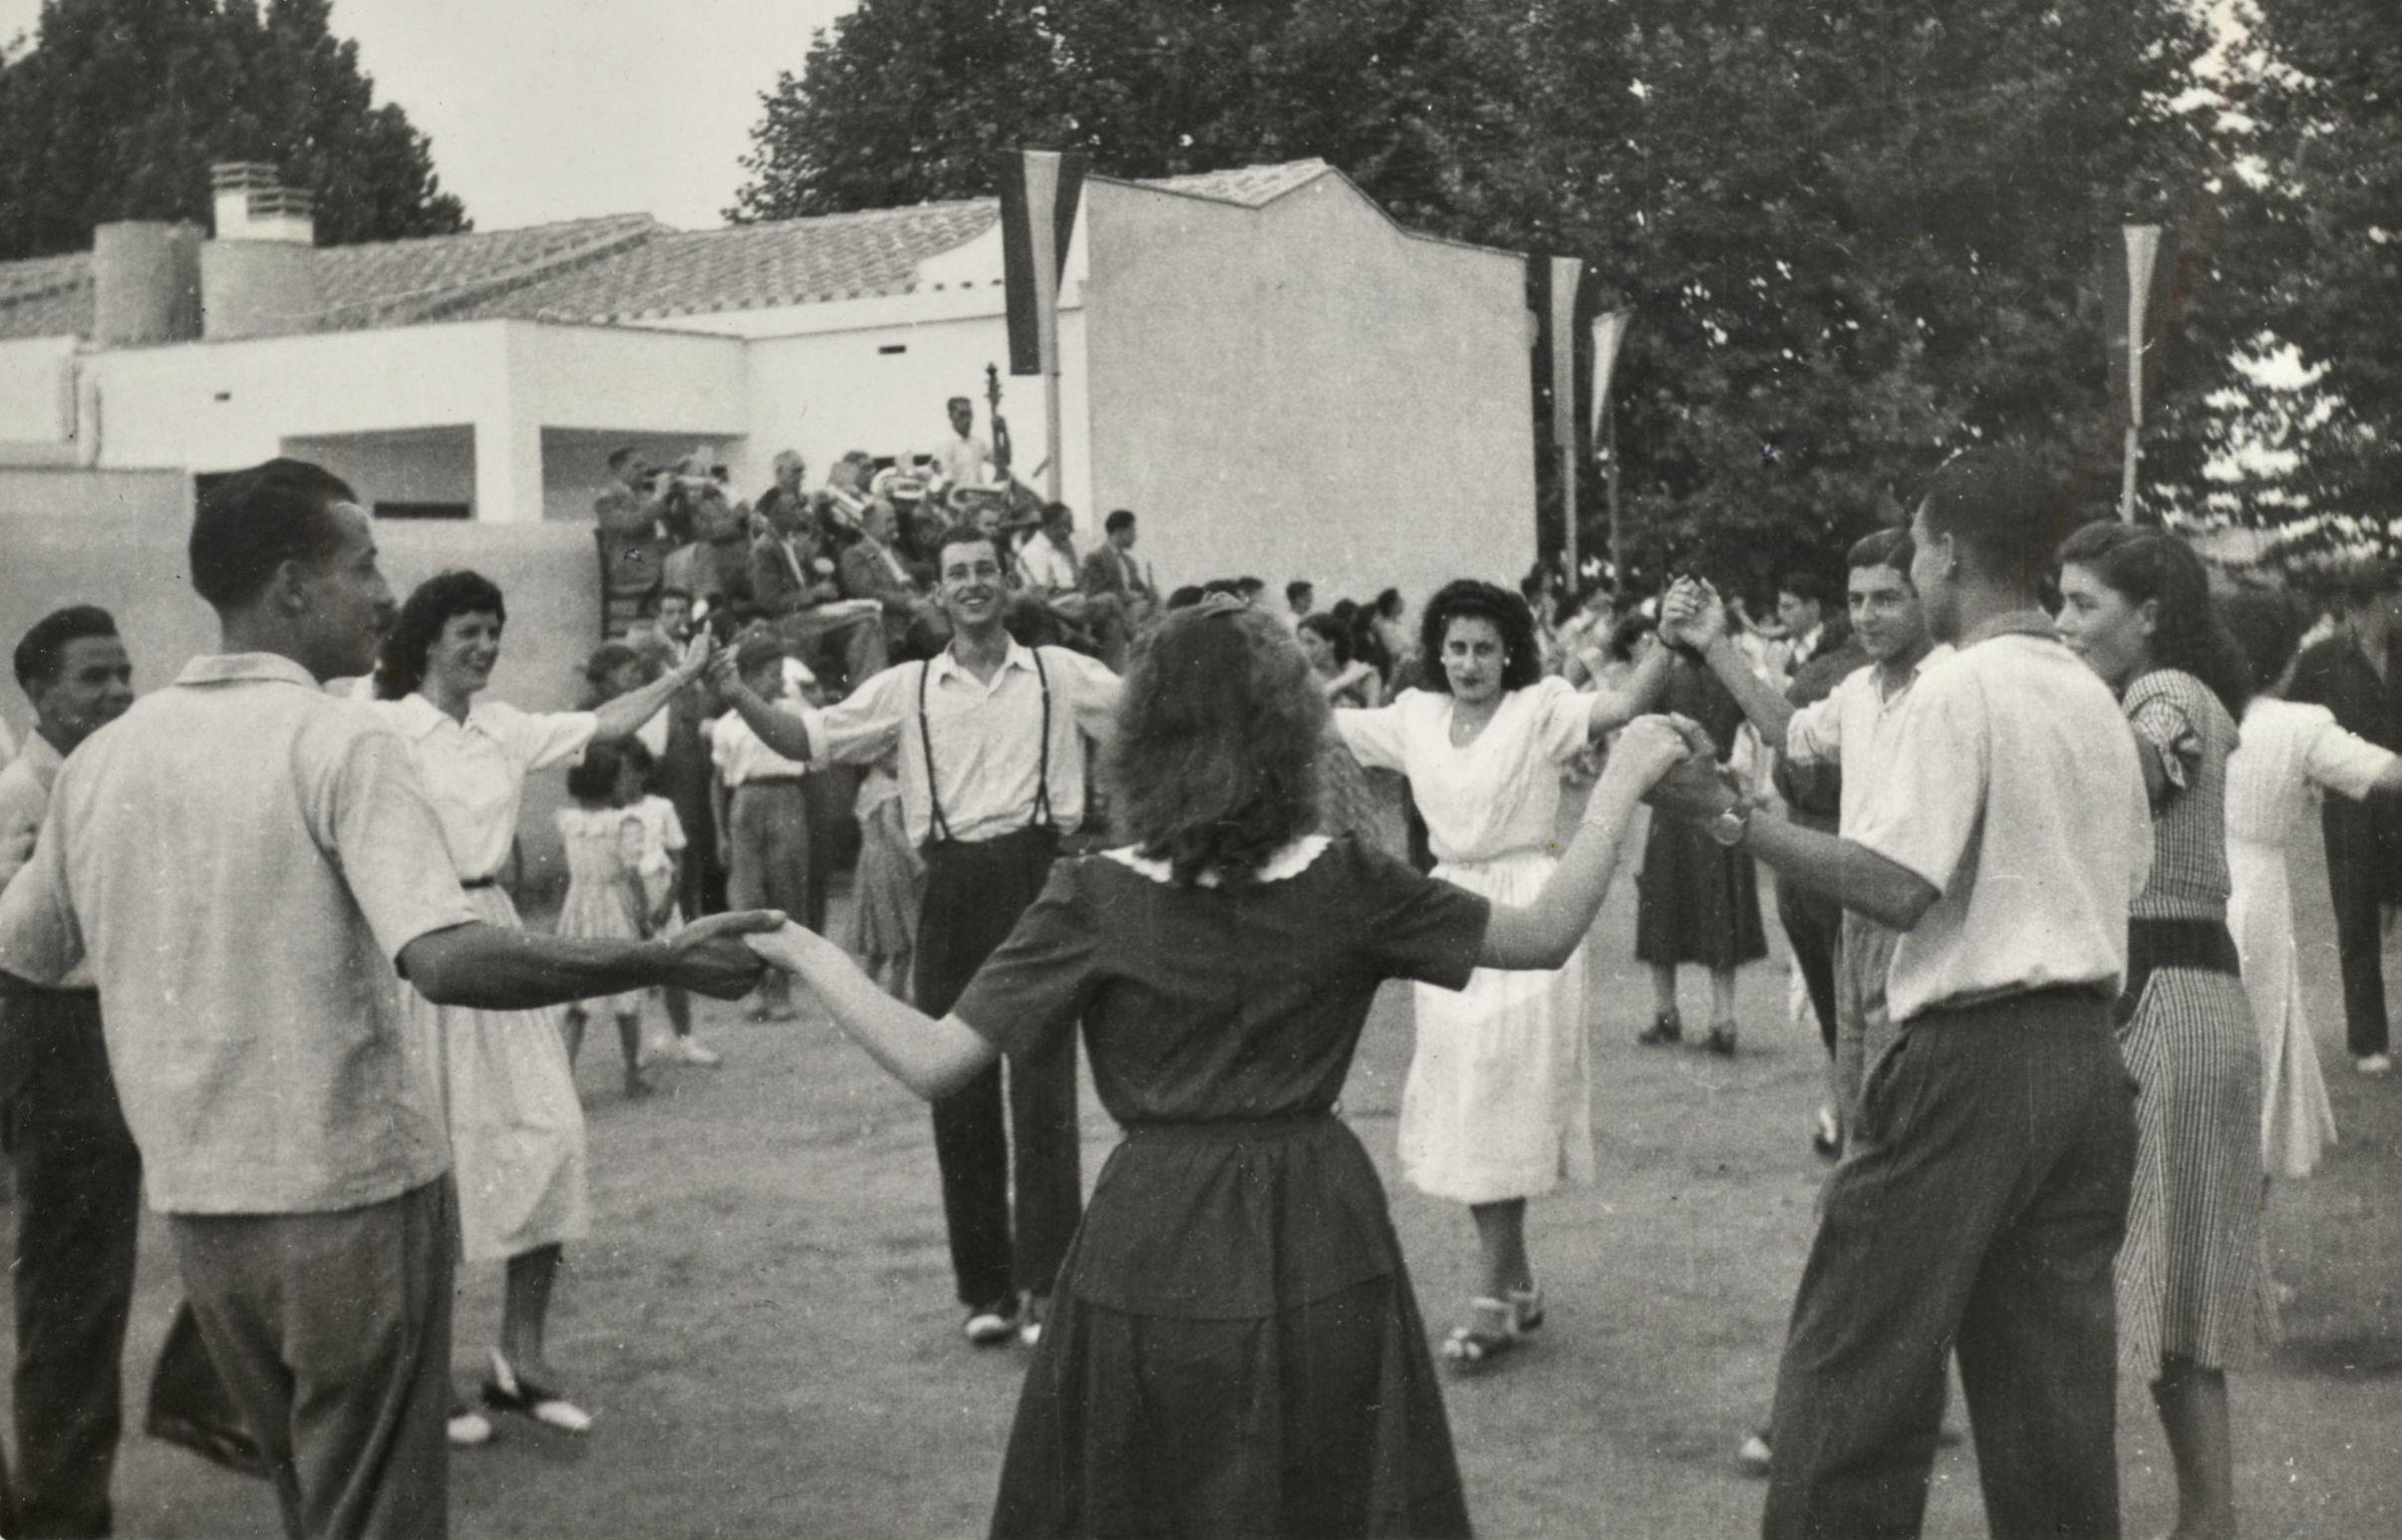 La Fundació Iluro Organitza Una Exposició Que Commemora Els 70 Anys De La Ciutat Jardí